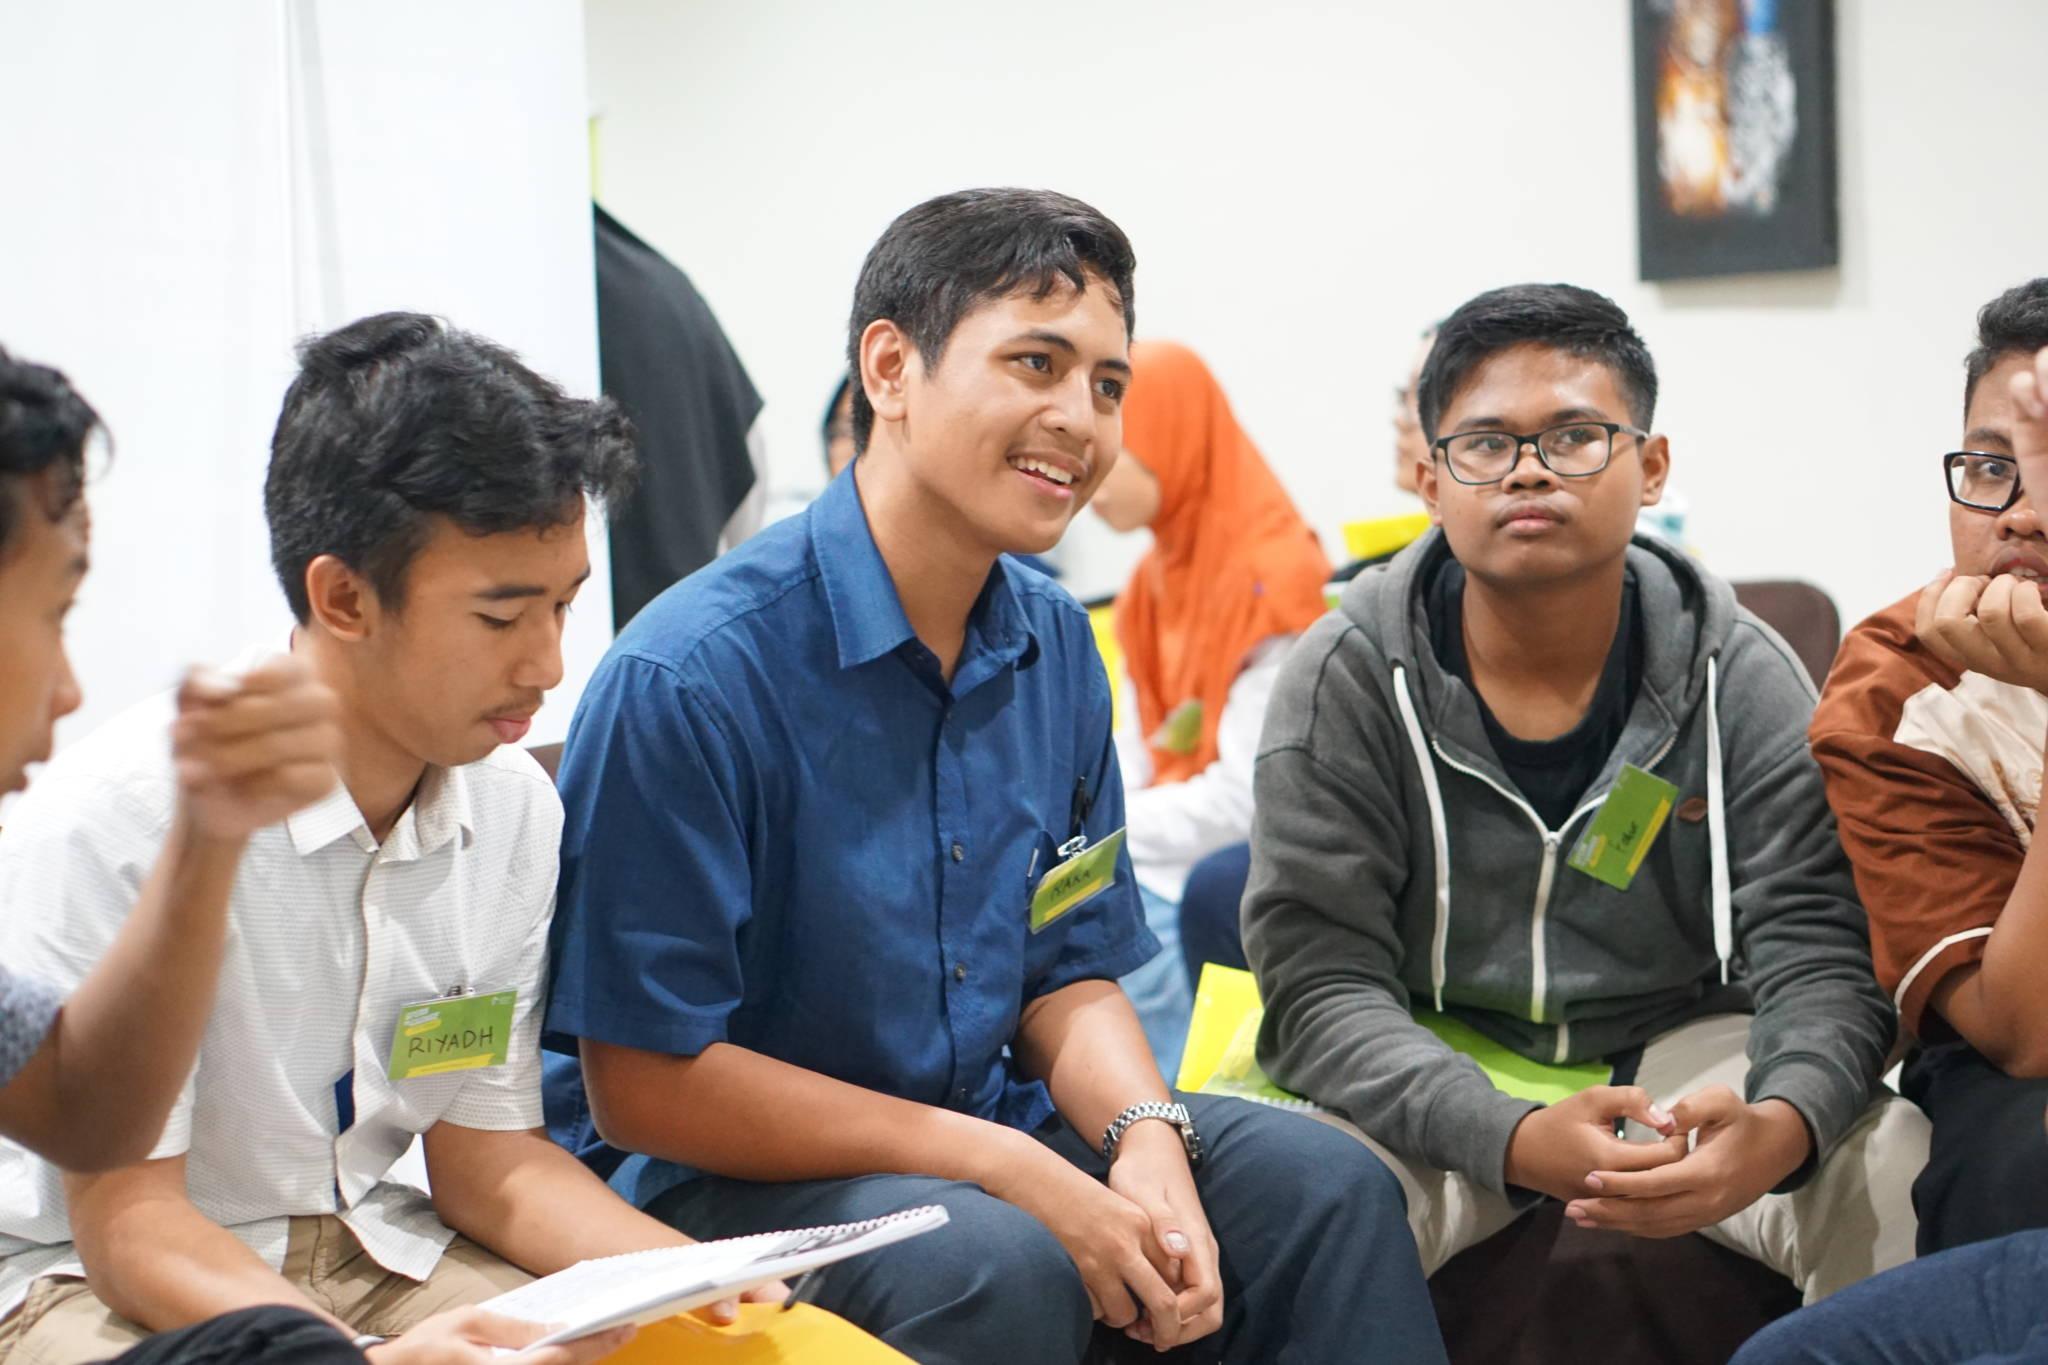 Cara Menjaga Produktivitas Karyawan Millenial - Corporate Training Indonesia